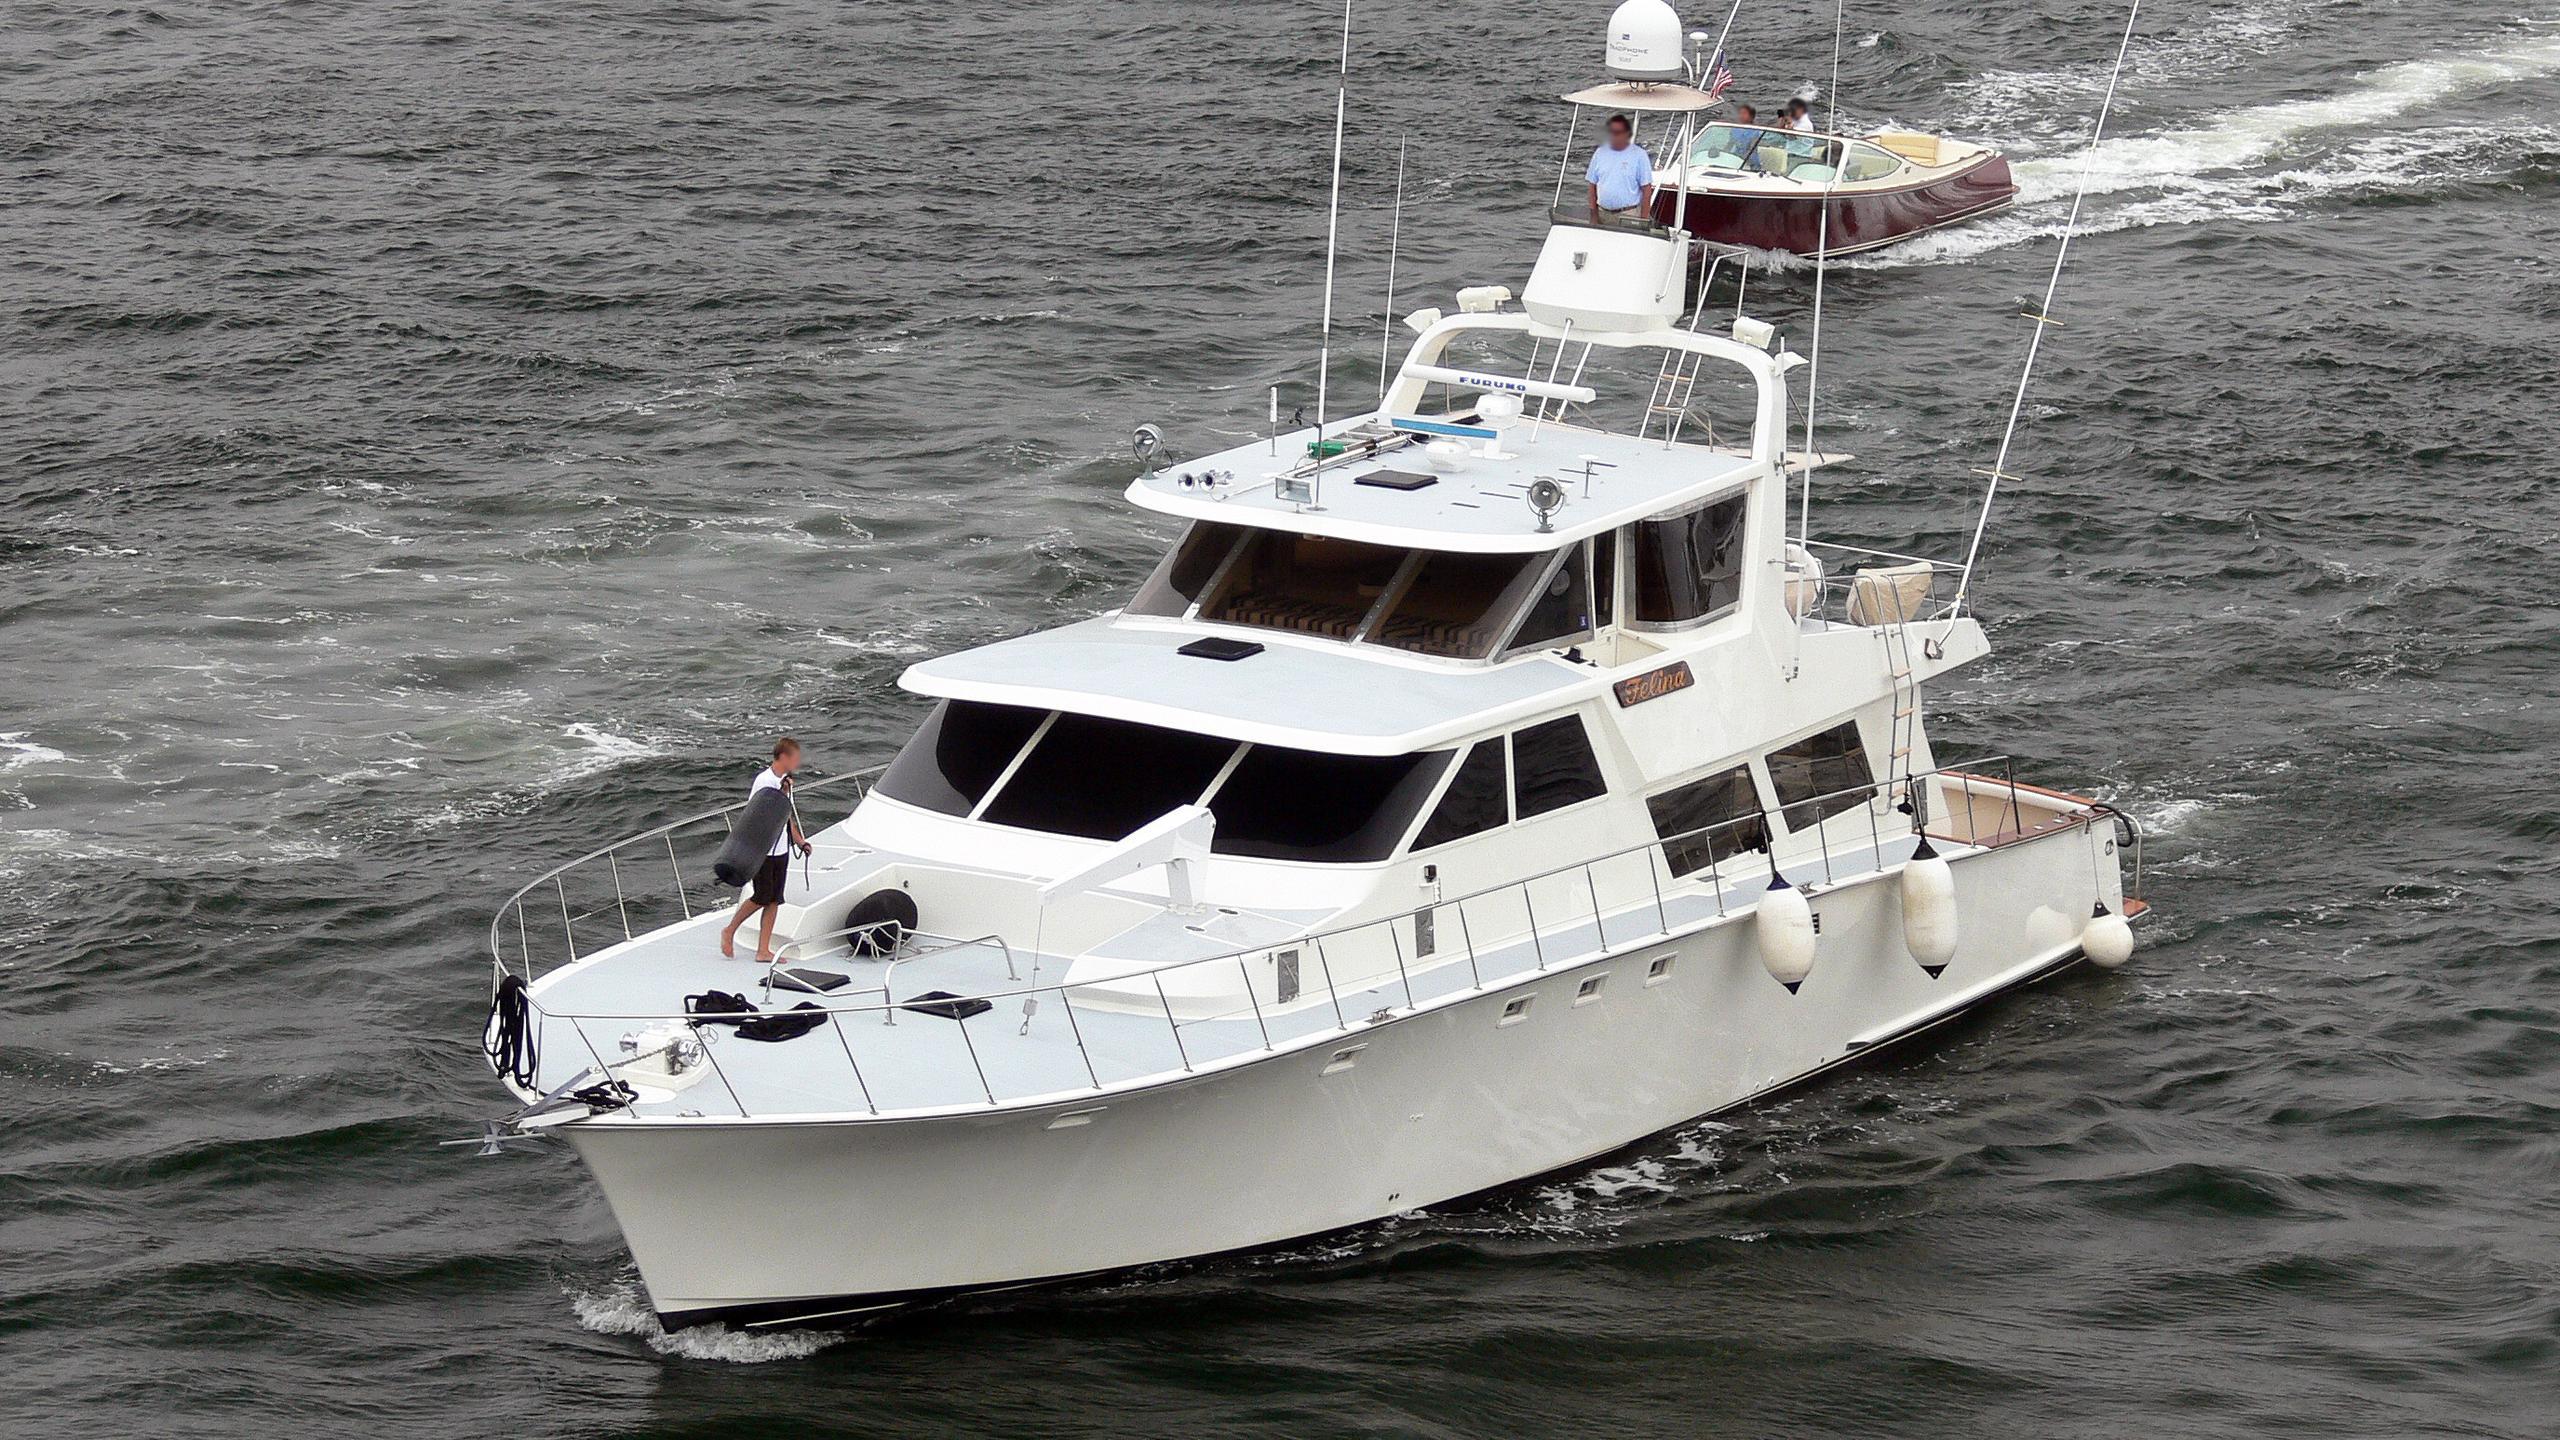 felina-motor-yacht-aquilar-1983-26m-cruising